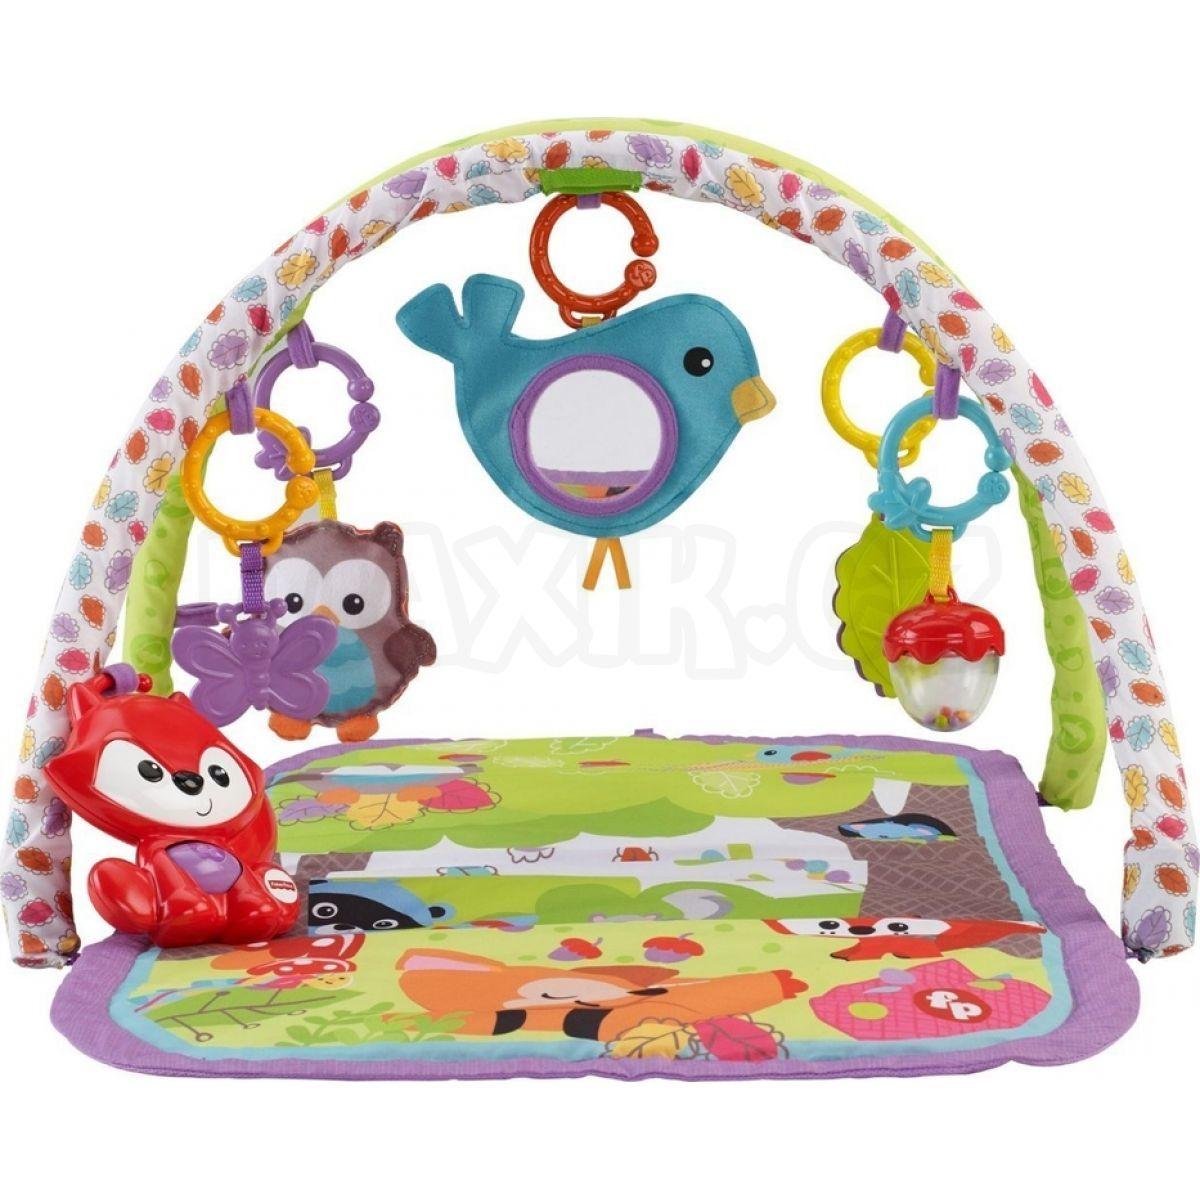 66a3e4458 FISHER PRICE Hrací deka s hrazdičkou lesní kamarádi | Maxíkovy hračky